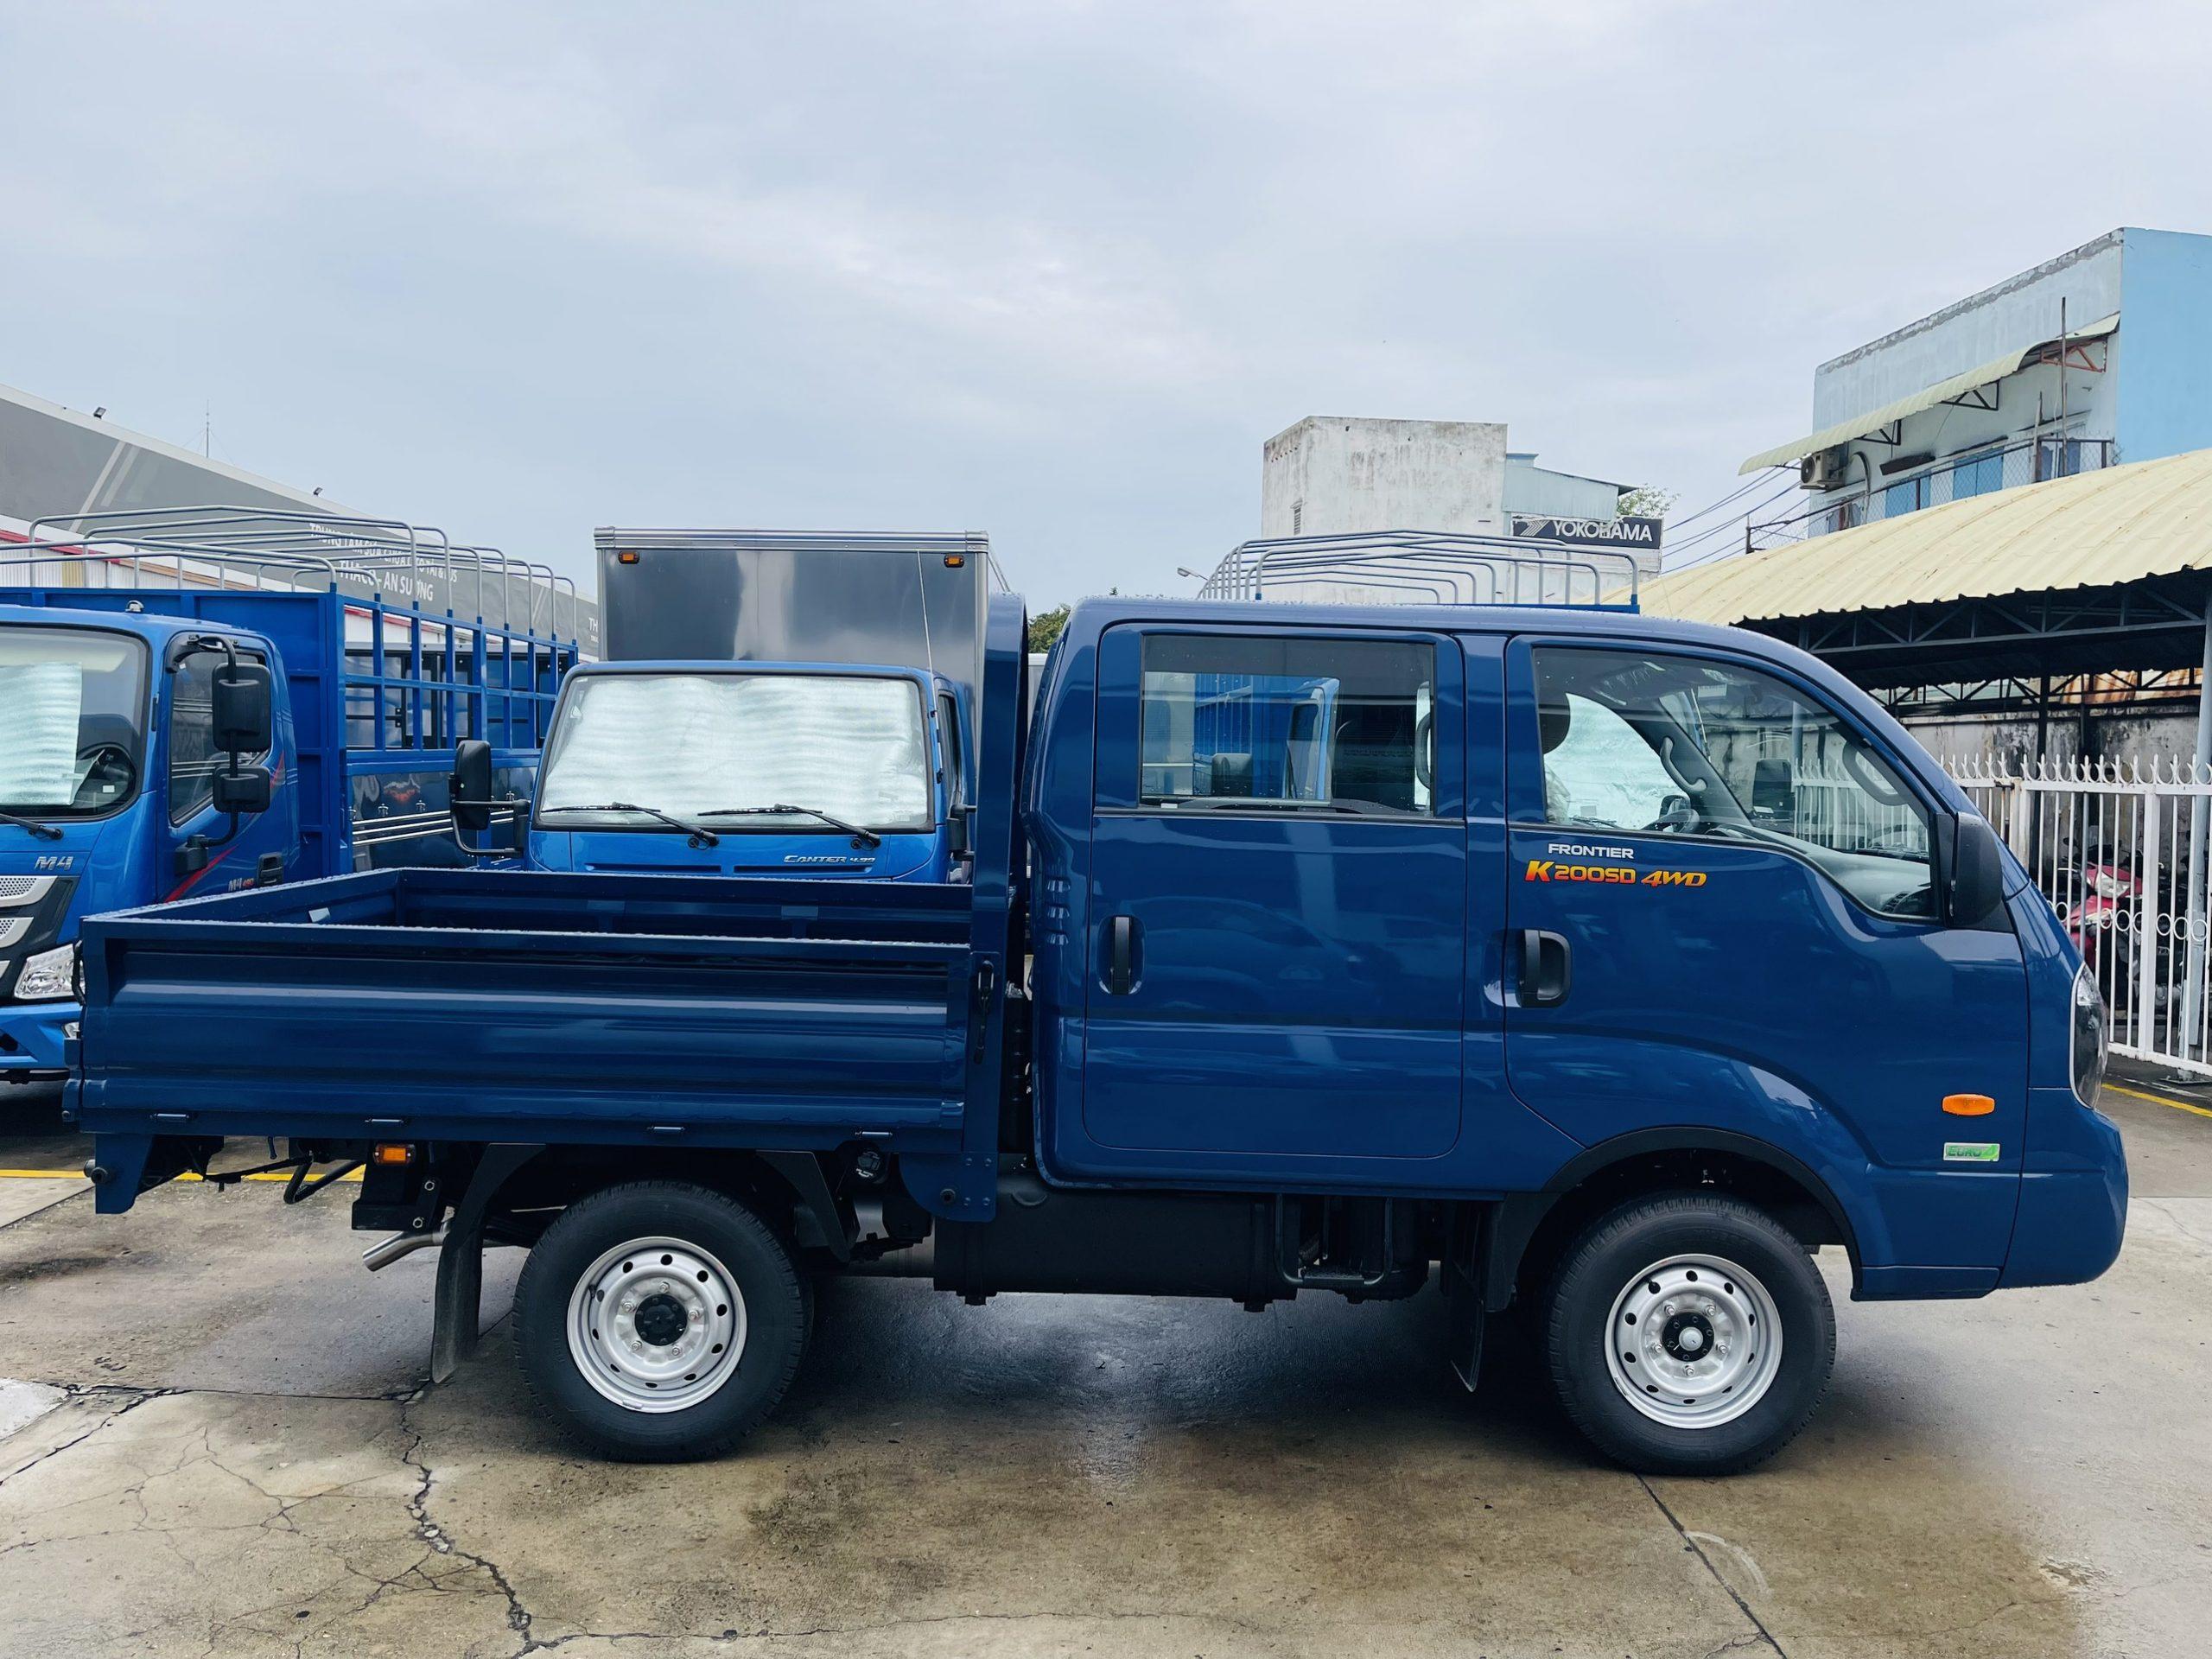 KIA PRONTIER K200SD – 4WD